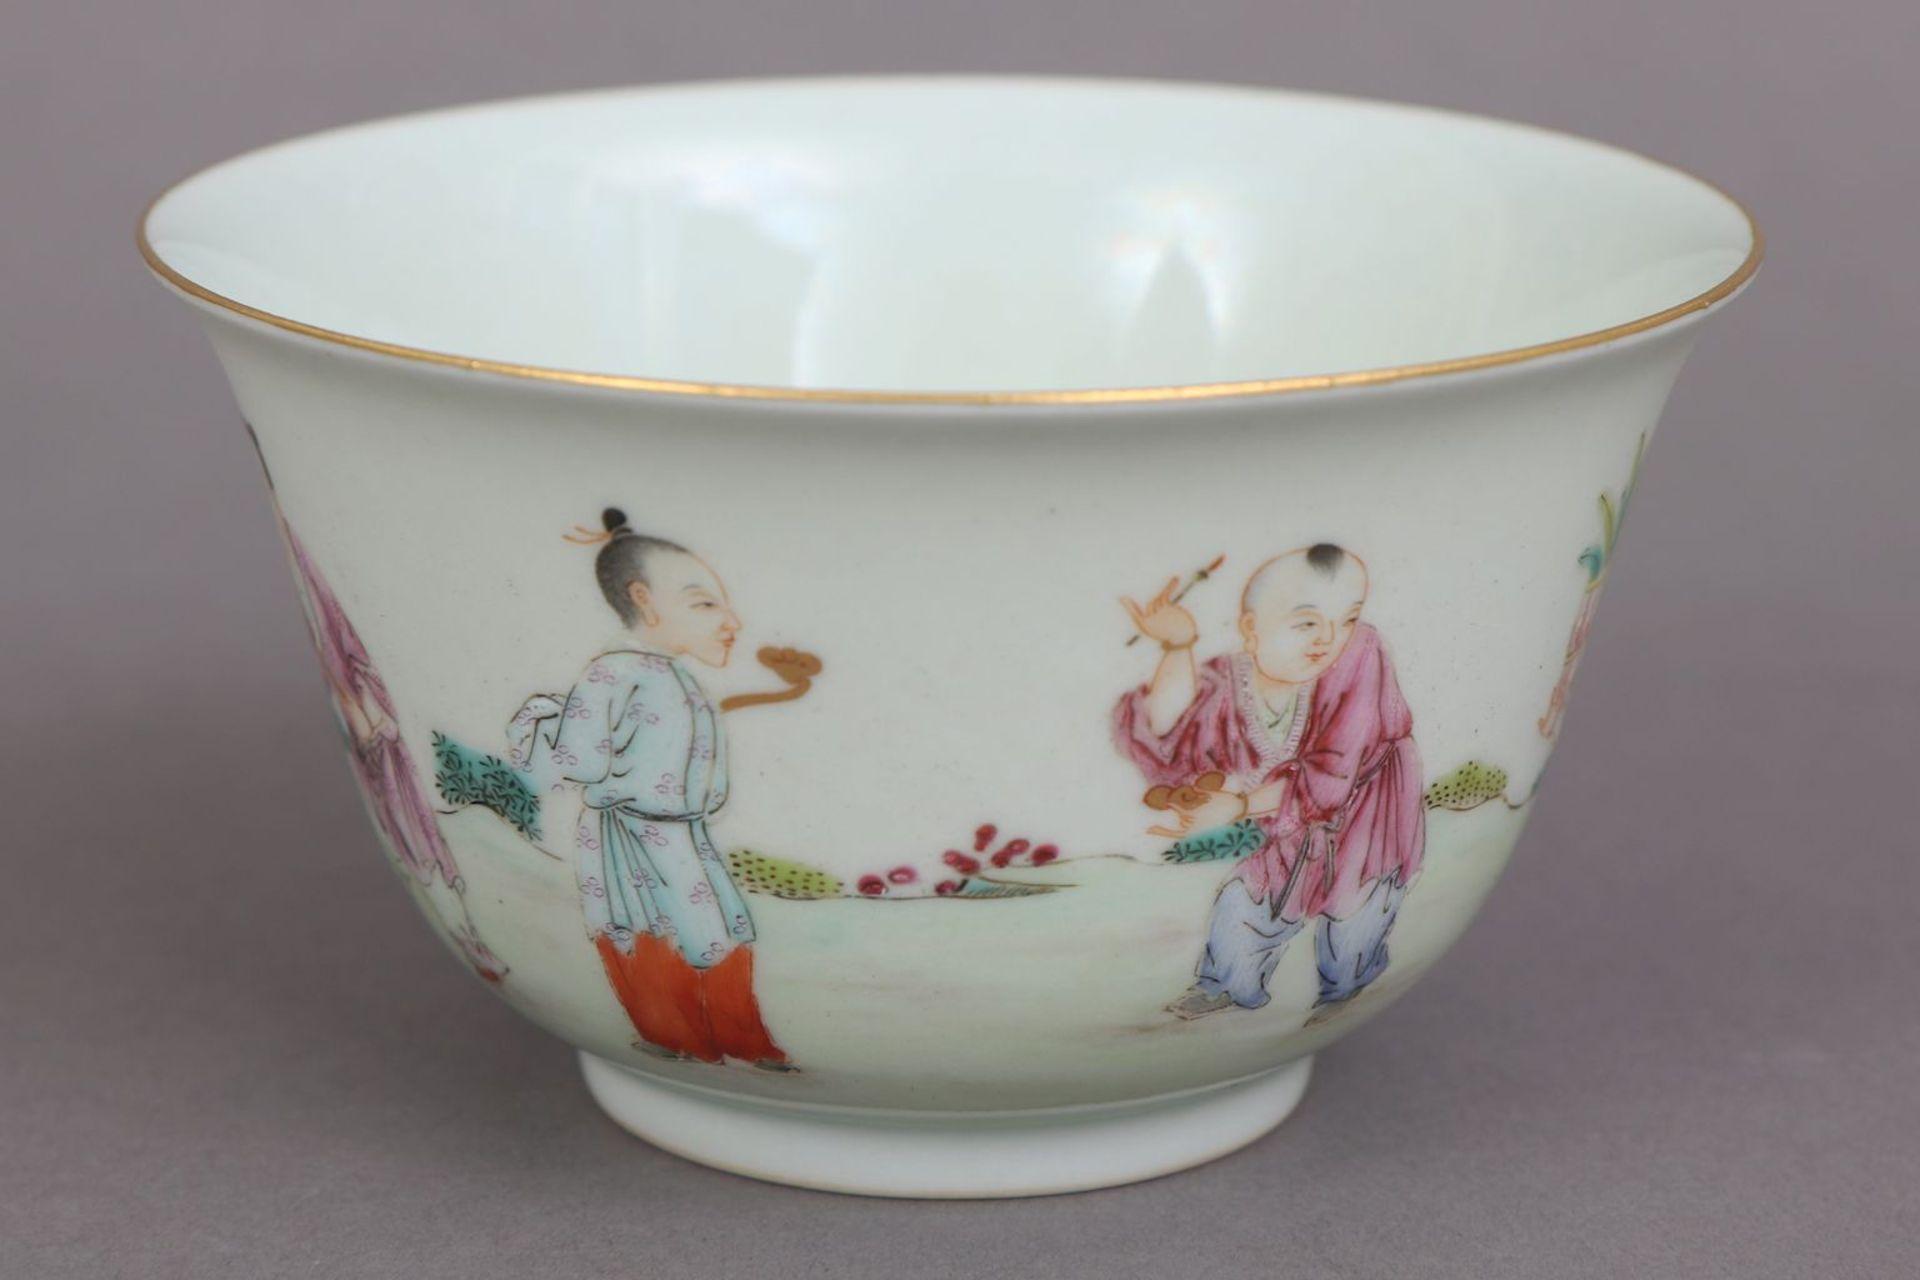 Chinesisches Porzellankoppchen des 20. Jahrhunderts - Bild 2 aus 4